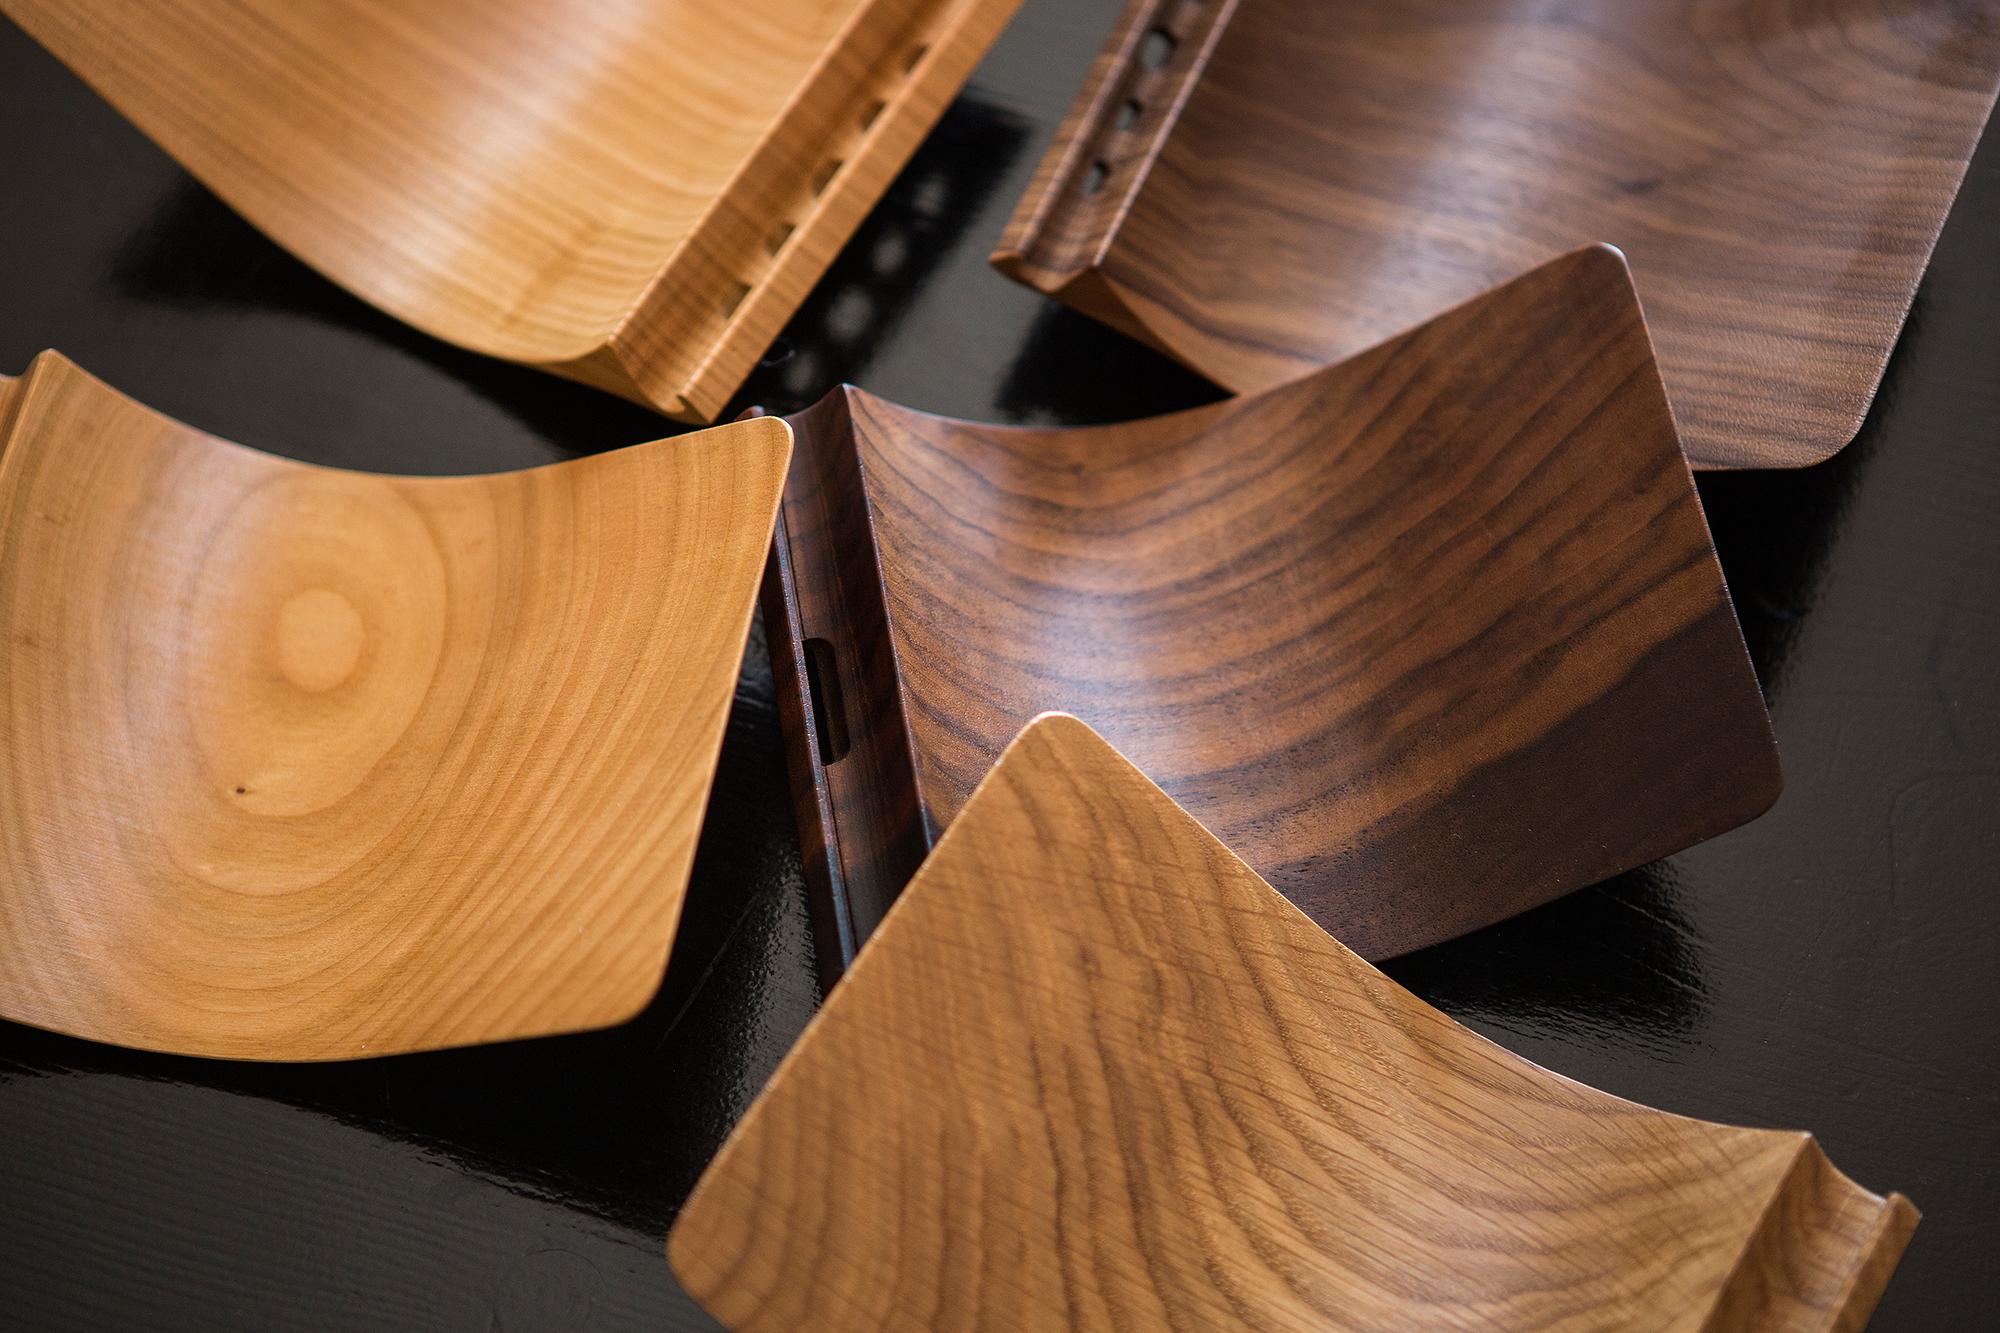 Die Holzmaserung sieht bei jedem einzelnen «Yohann» anders aus.